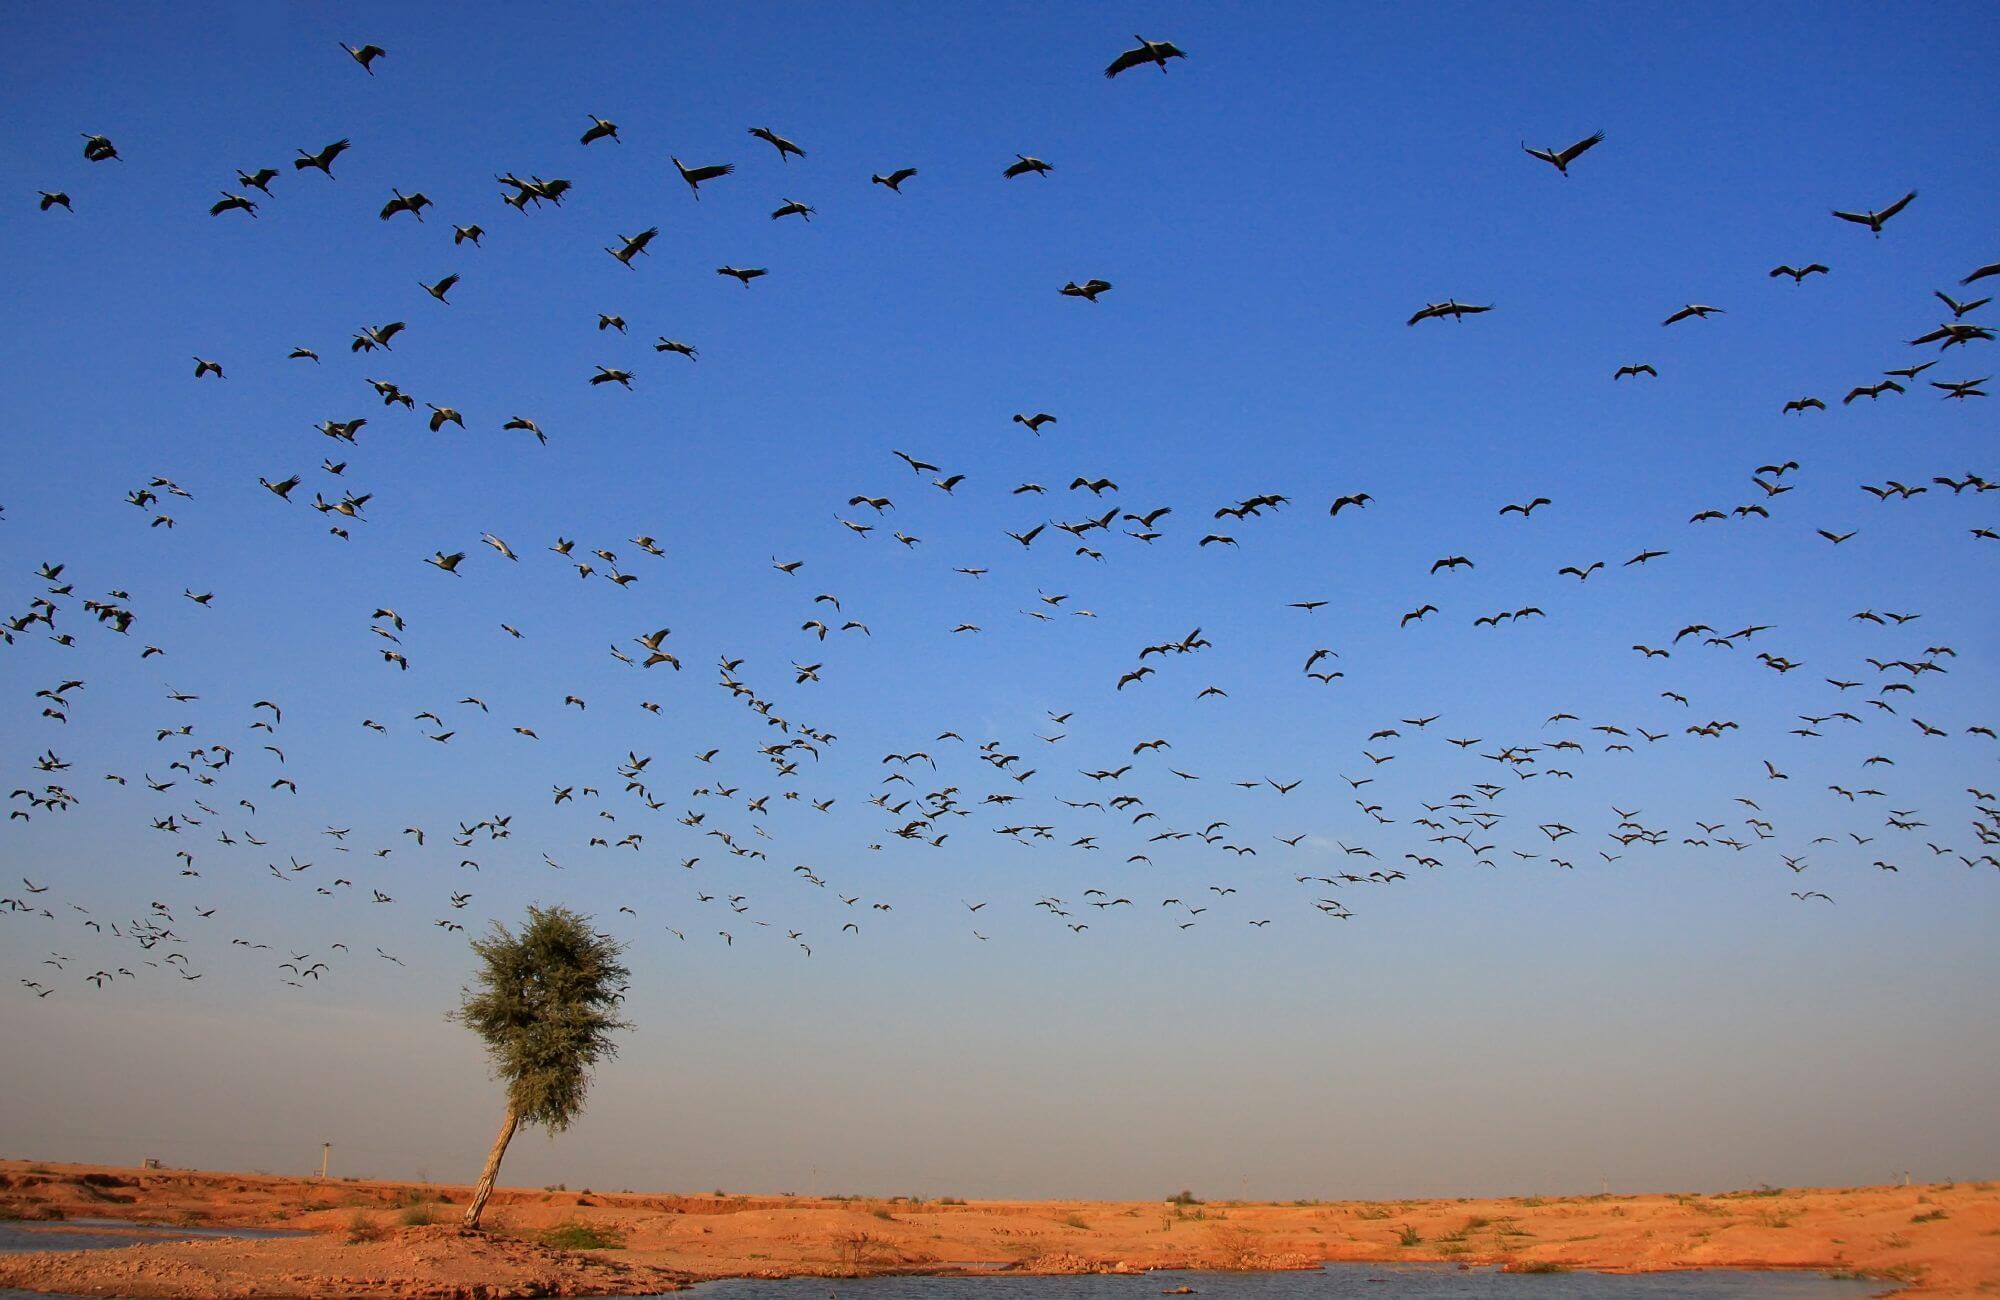 ציפורים נודדות מעל עץ סחוף רוח - כהמחשה למגמות חדשות בשיווק דיגיטלי